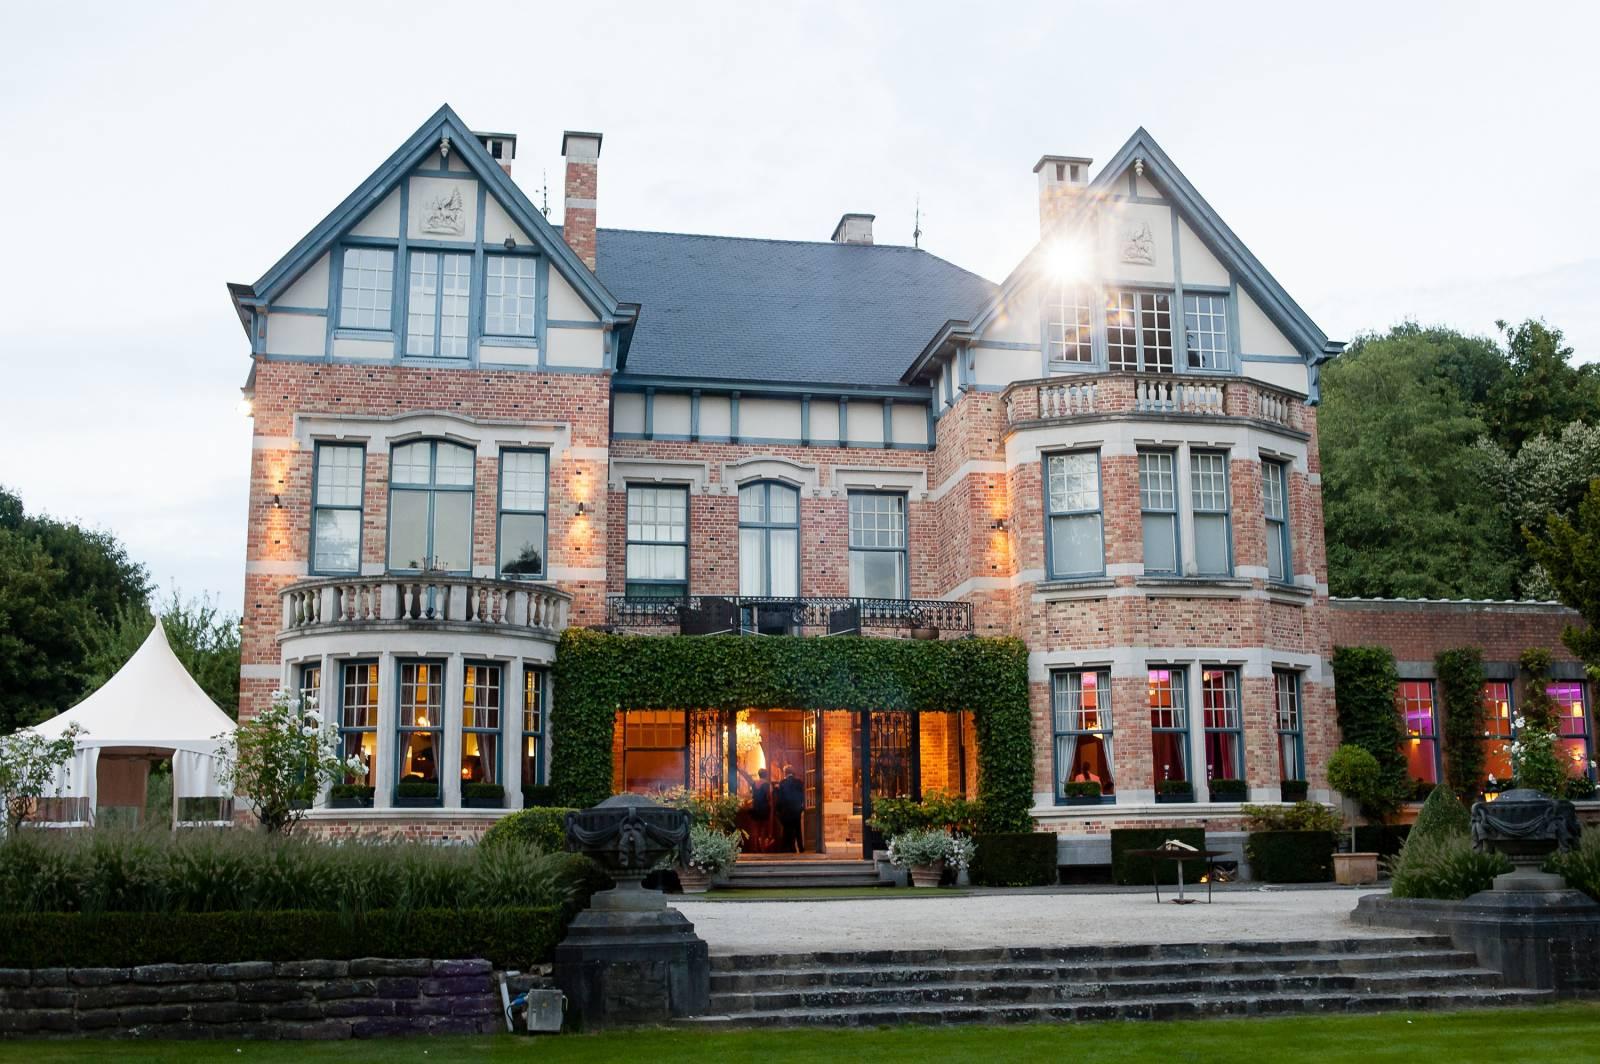 Domein Saint-Hubert - House of Weddings - Feestzaal Oost-Vlaanderen - Ronse - huwelijk - ceremonie cateri (19)